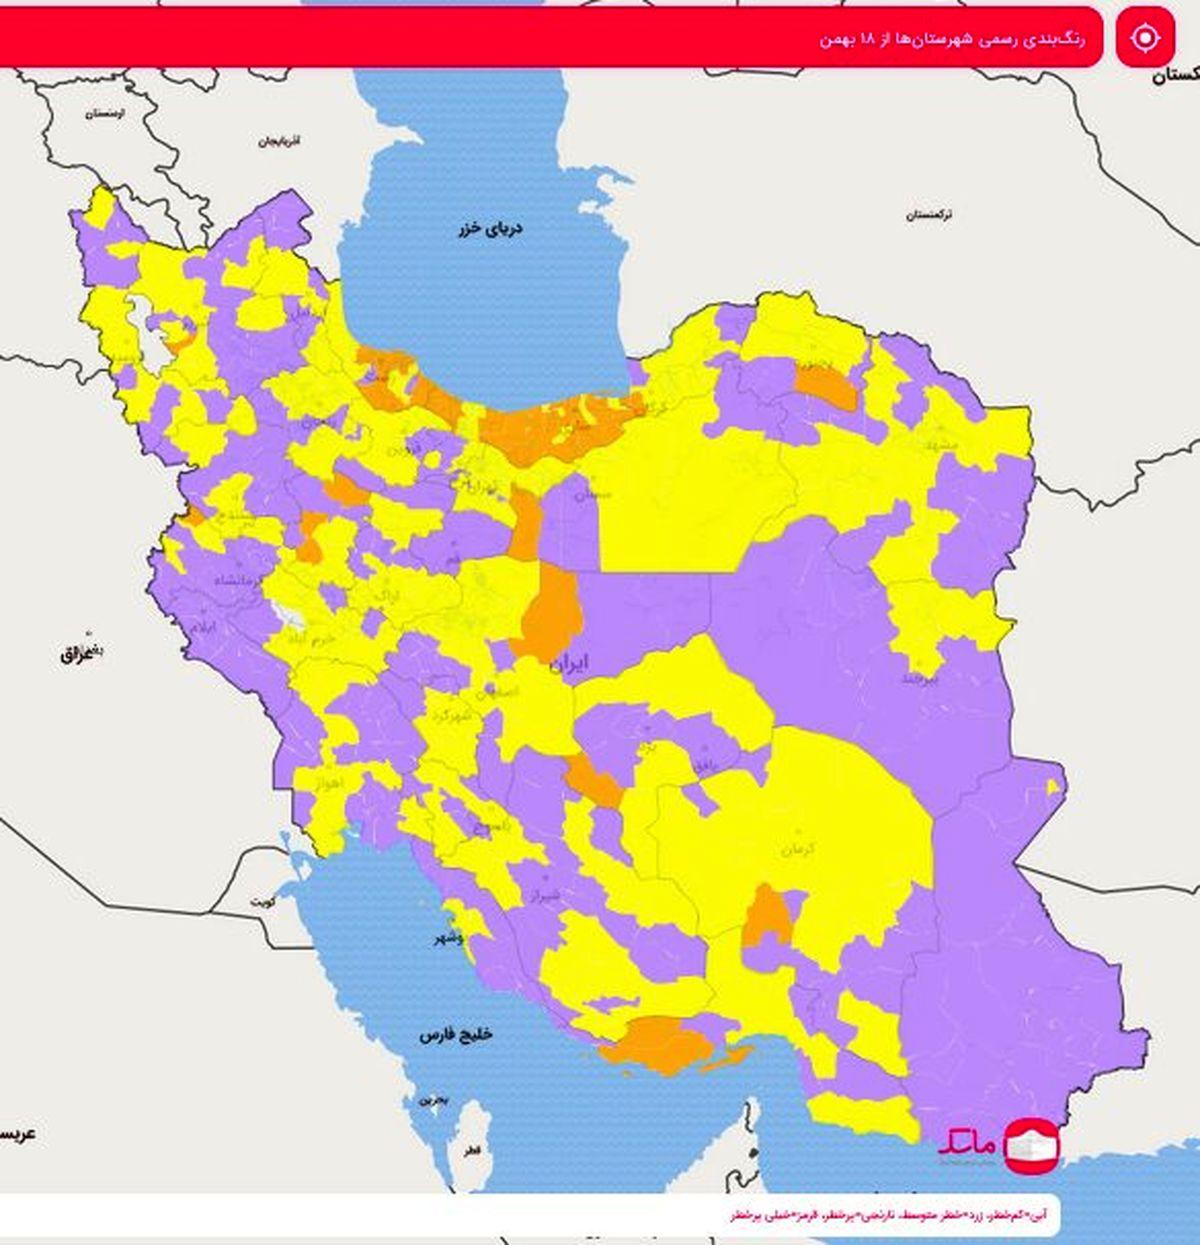 شهرهای ممنوع برای سفر در تعطیلات ۲۲ بهمن + اسامی